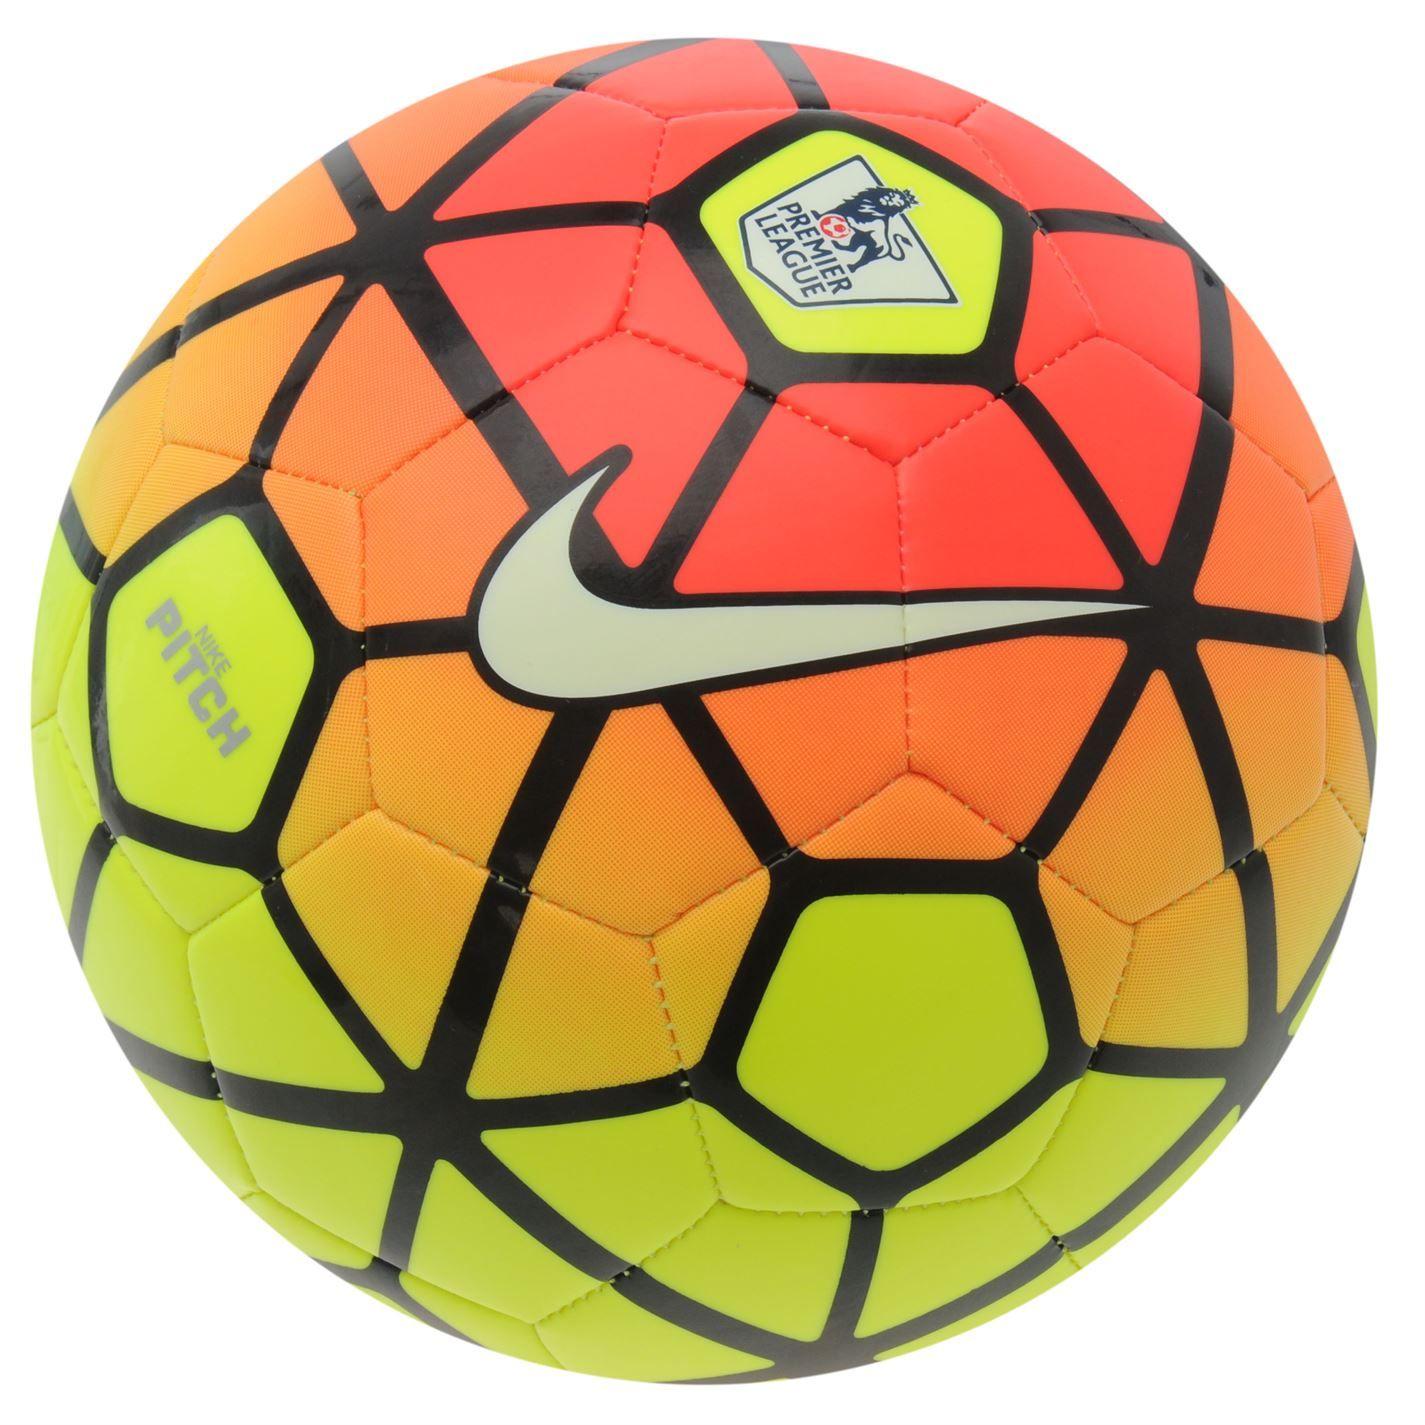 Premier League Pitch Football Premier League Football Epl Football Football